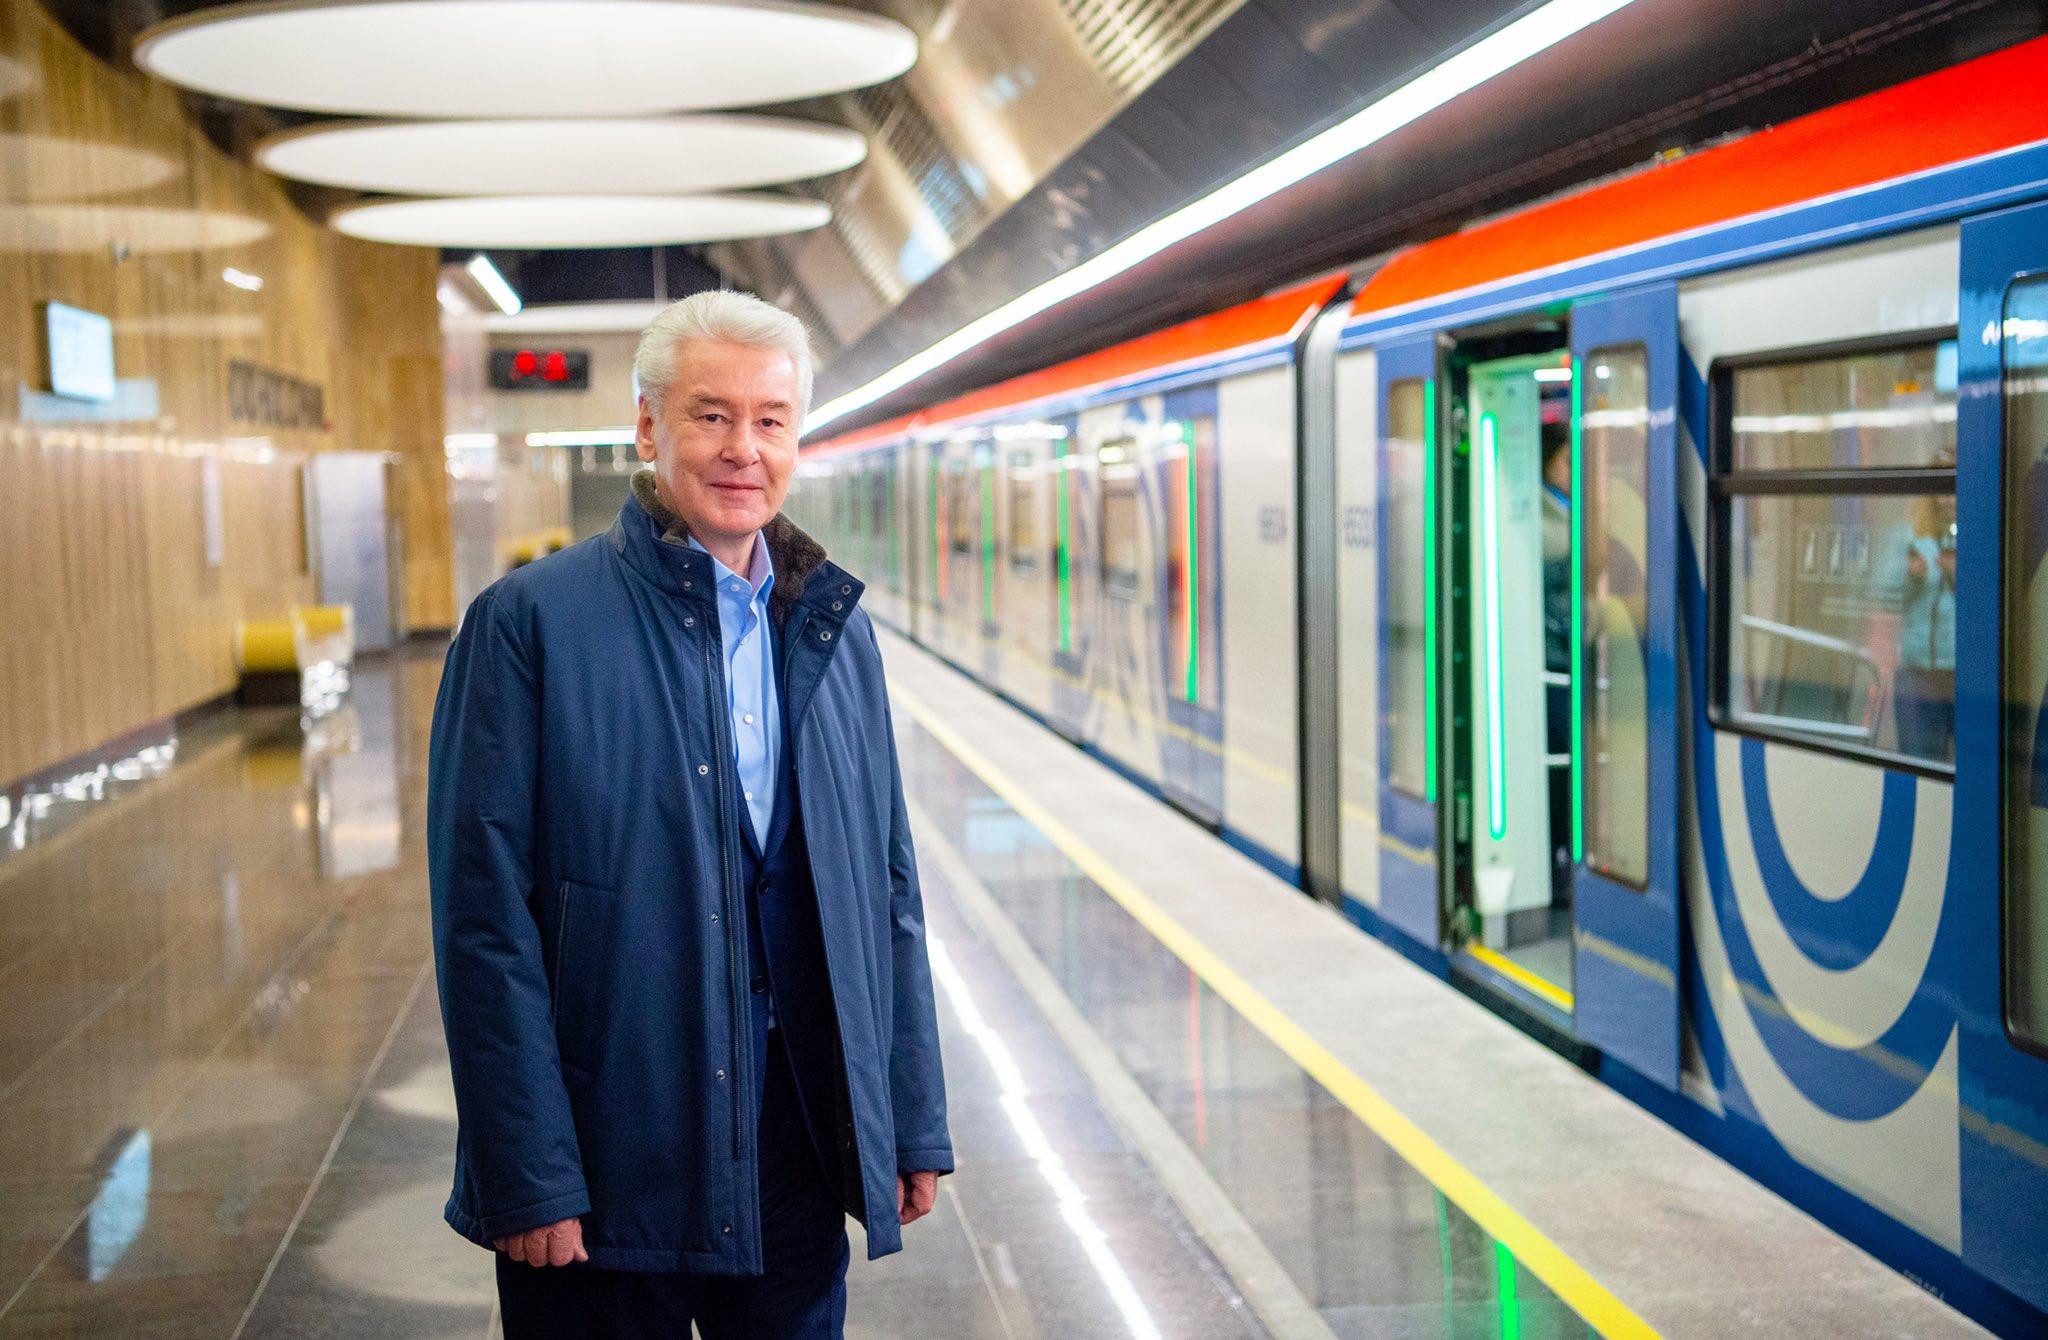 Сергей Собянин рассказал об окончании строительства Некрасовской линии метро